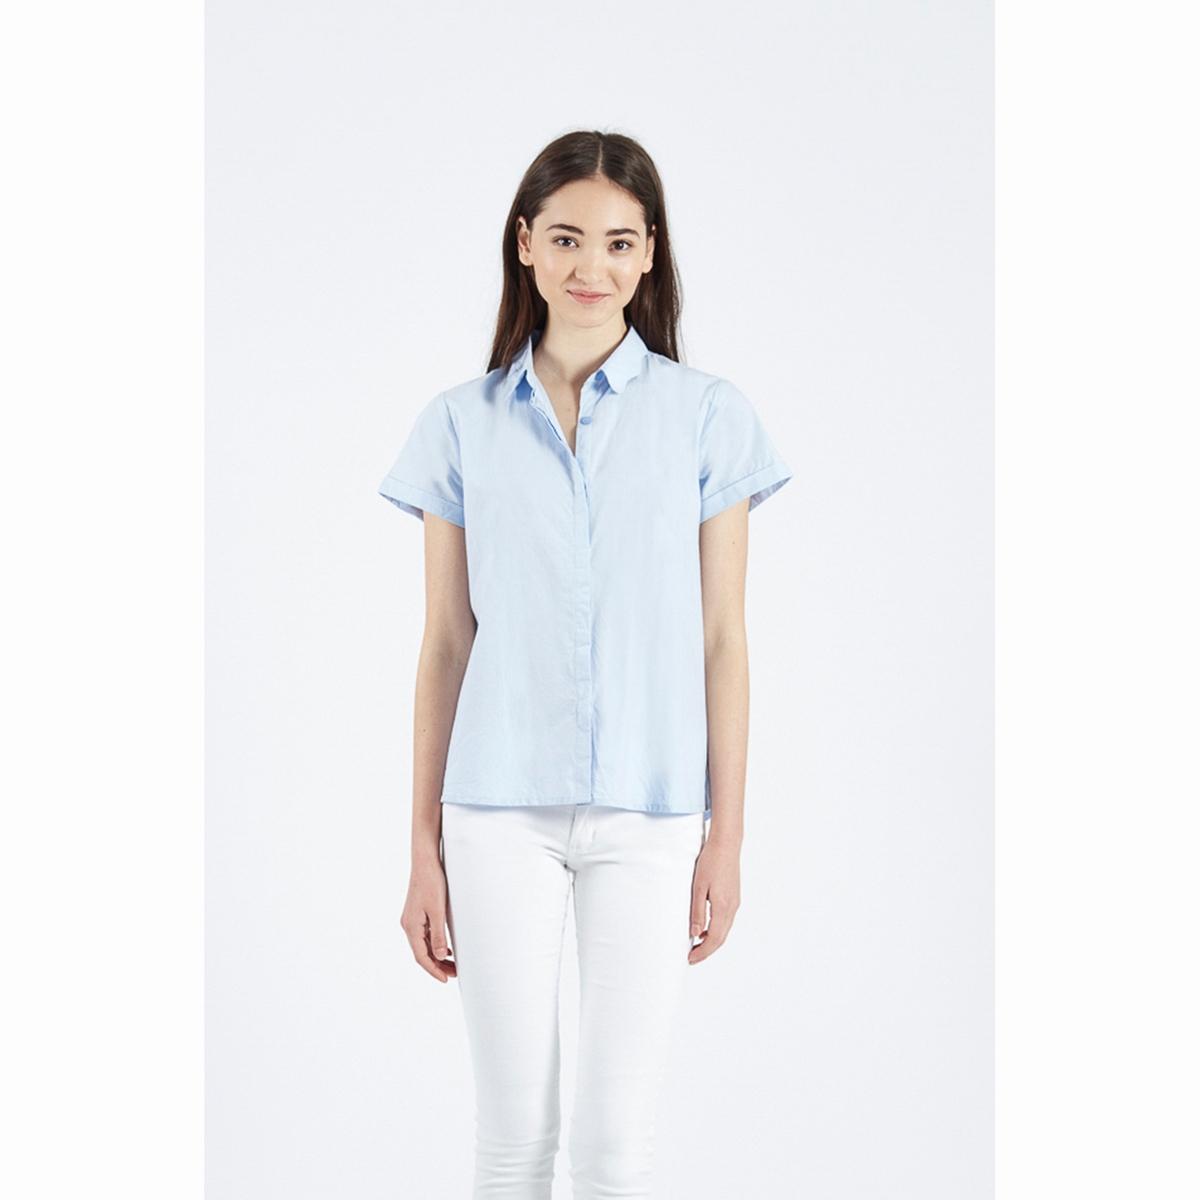 Рубашка Azul PollyРубашка Azul Polly из 100% хлопка. Рубашечный воротник с волнистыми краями. Короткие рукава с отворотами. Супатная застежка на пуговицы спереди .  Состав и описаниеМатериалы : 100% хлопокМарка : Compania FantasticaМодель : Camisa Azul PollyУходСледуйте рекомендациям по уходу, указанным на ярлыке изделия<br><br>Цвет: голубой